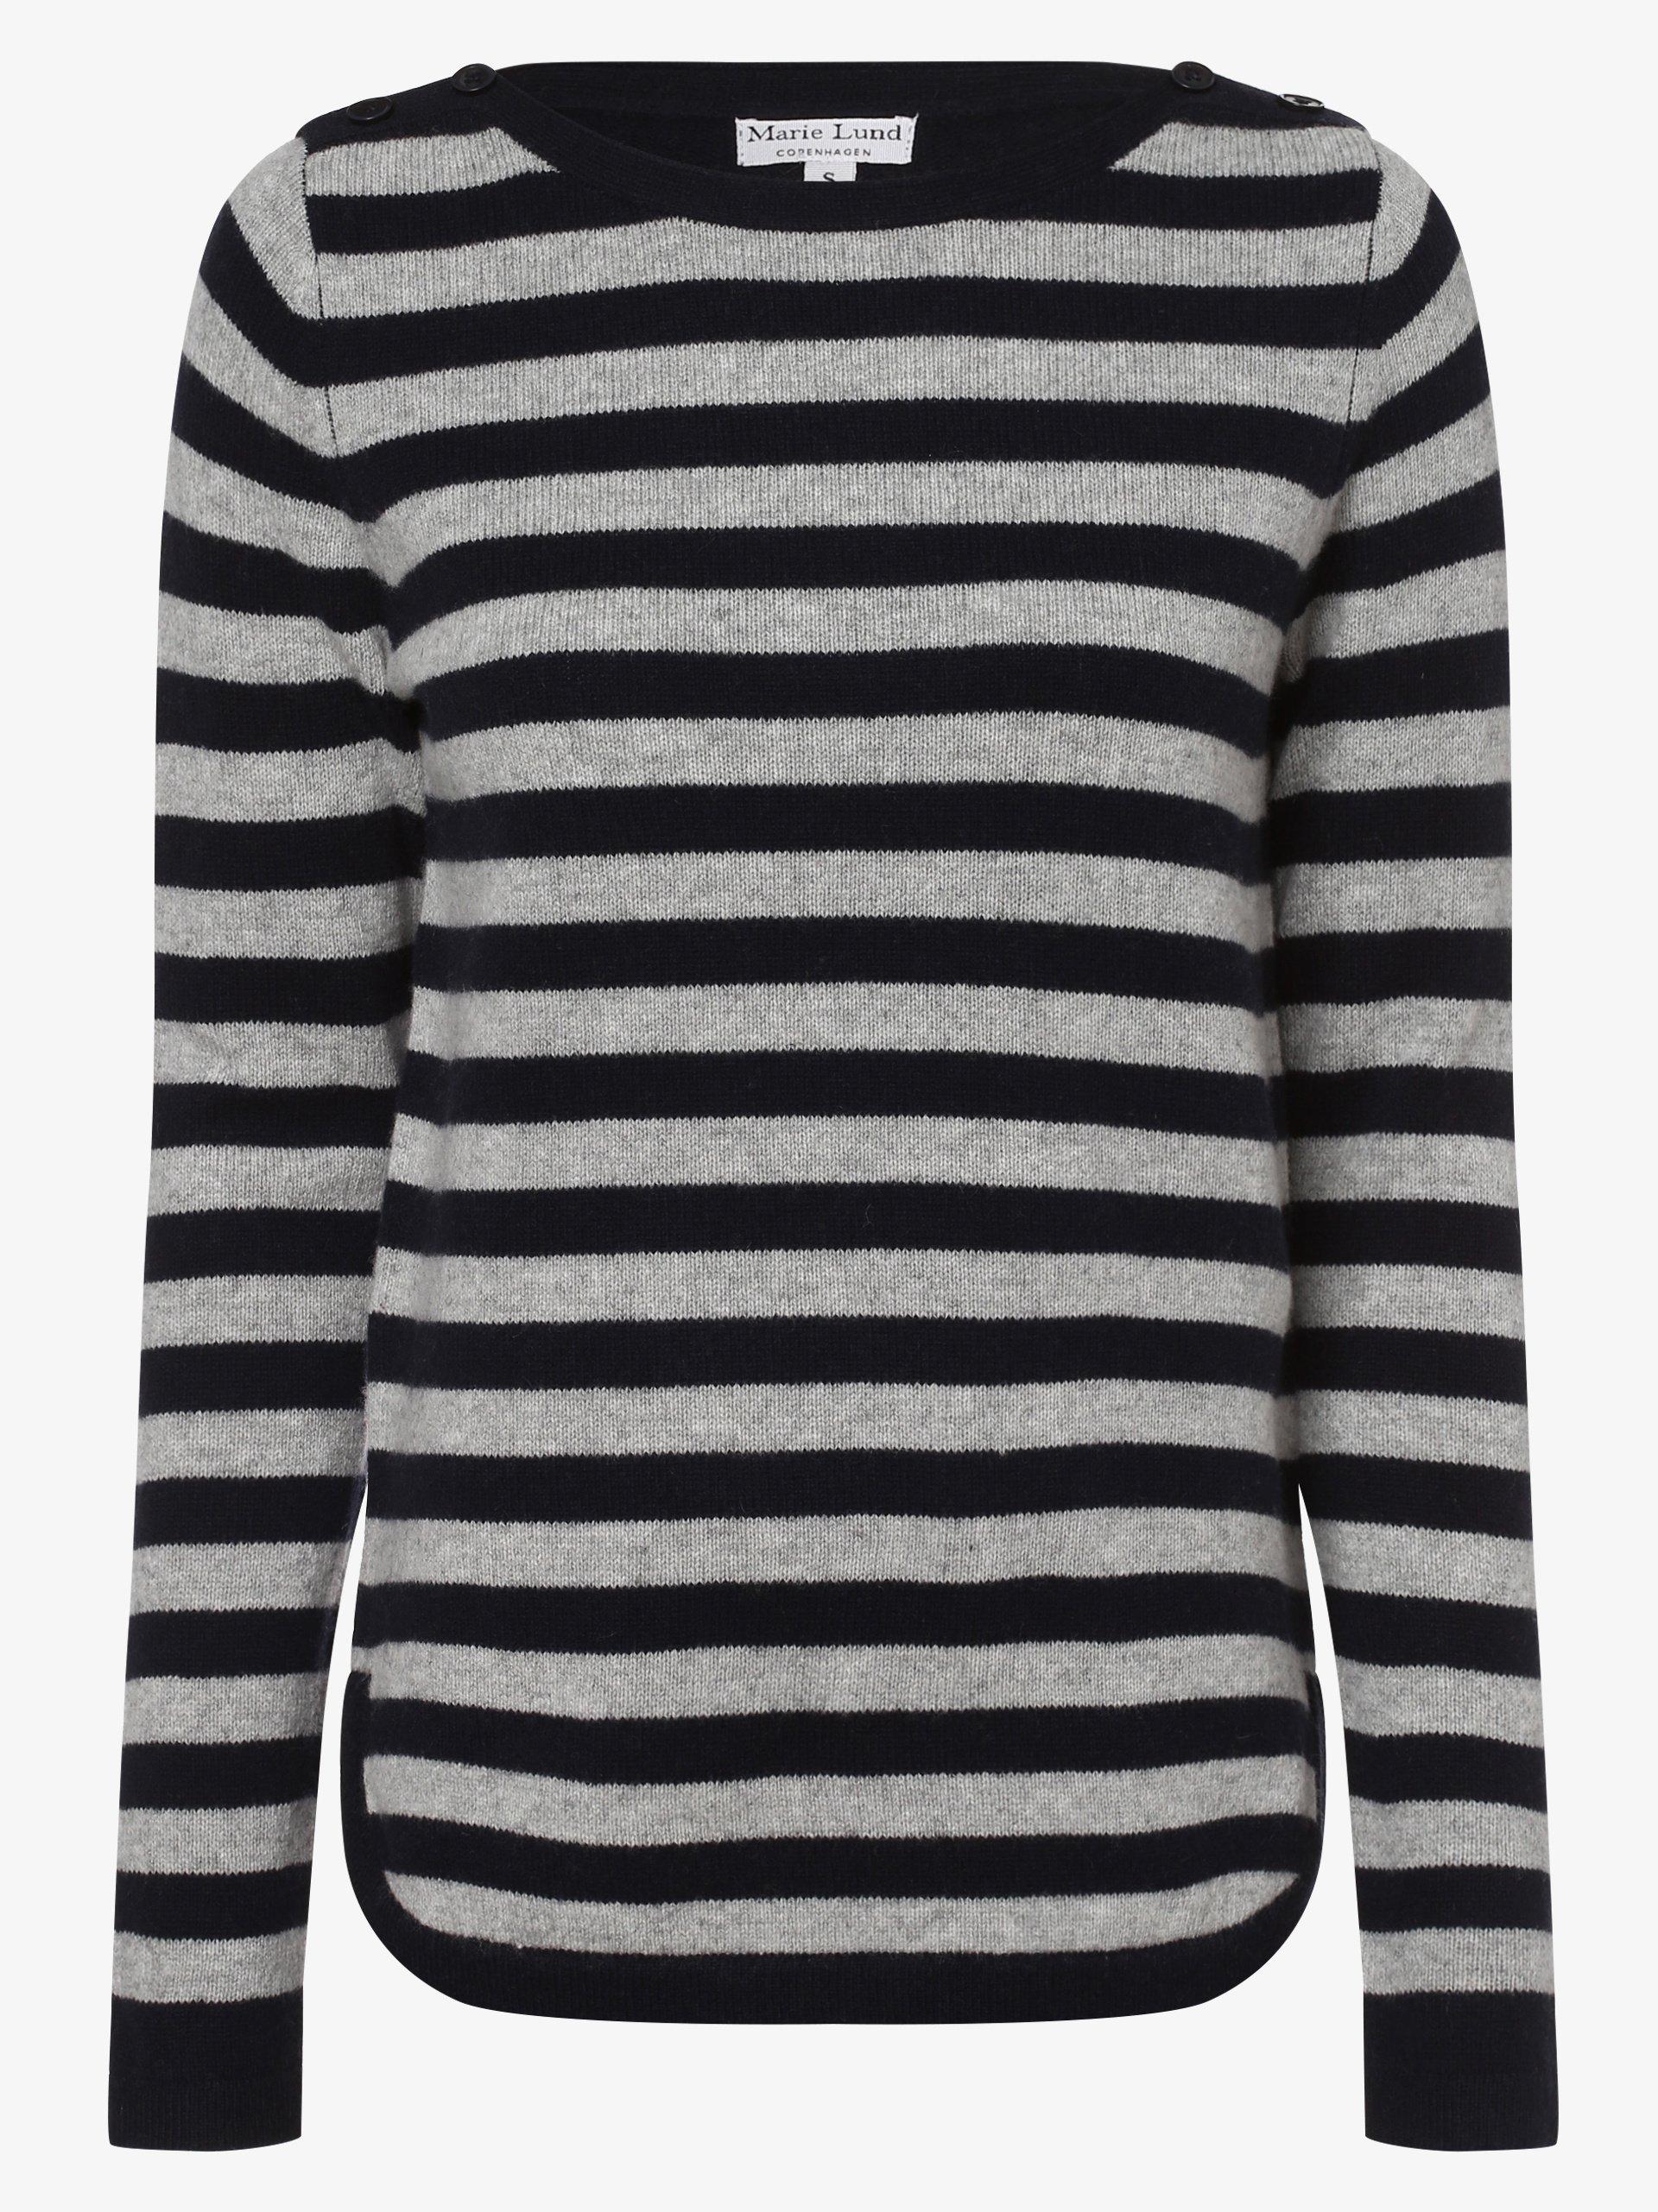 Marie Lund Damski sweter z wełny merino